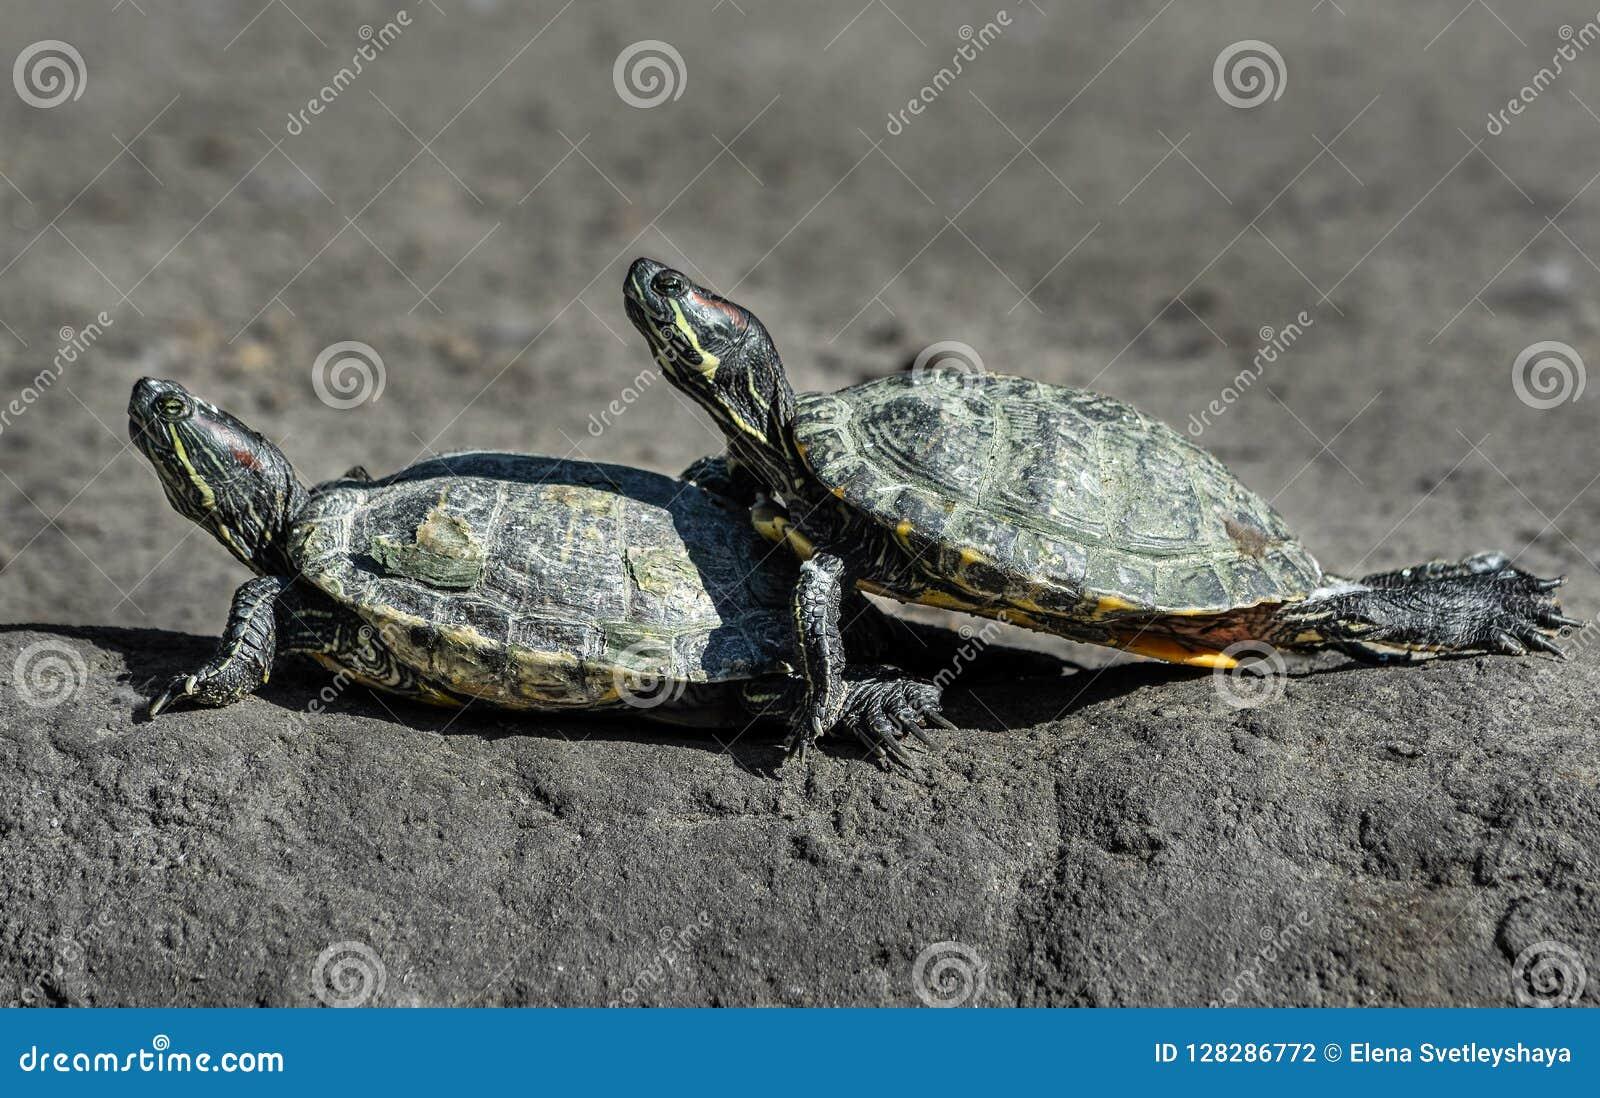 Δύο αστείες χελώνες αναρριχούνται η μια στην άλλη ερπετά Ζώα ζωολογικών κήπων